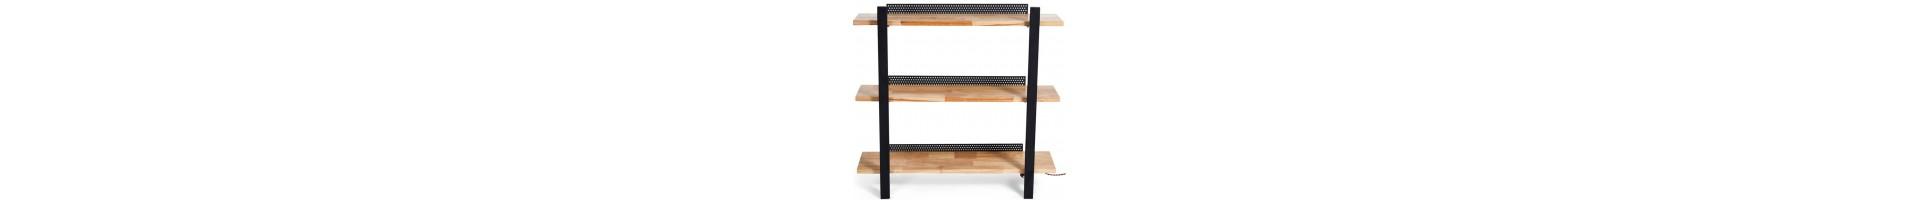 Comprar Mueble Laboratorio para Peluquería Online - Beauty Vip